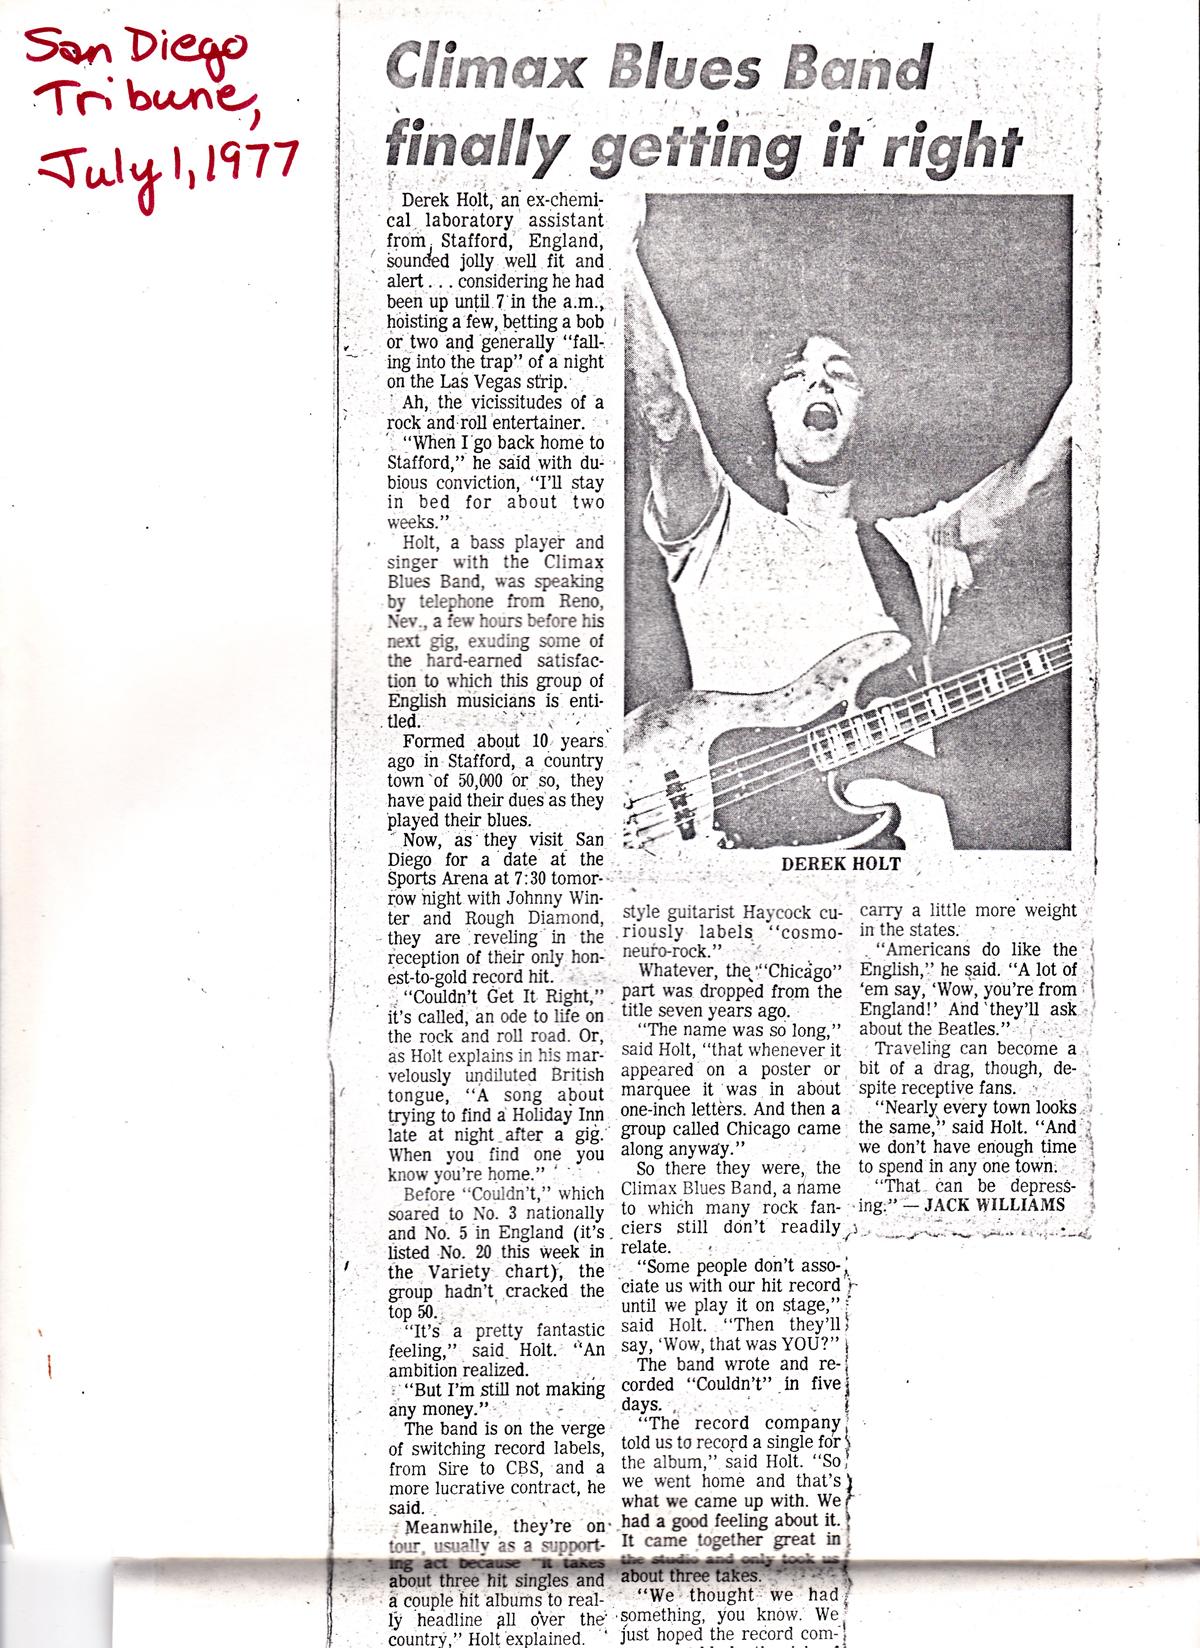 San Diego Tribune 1977